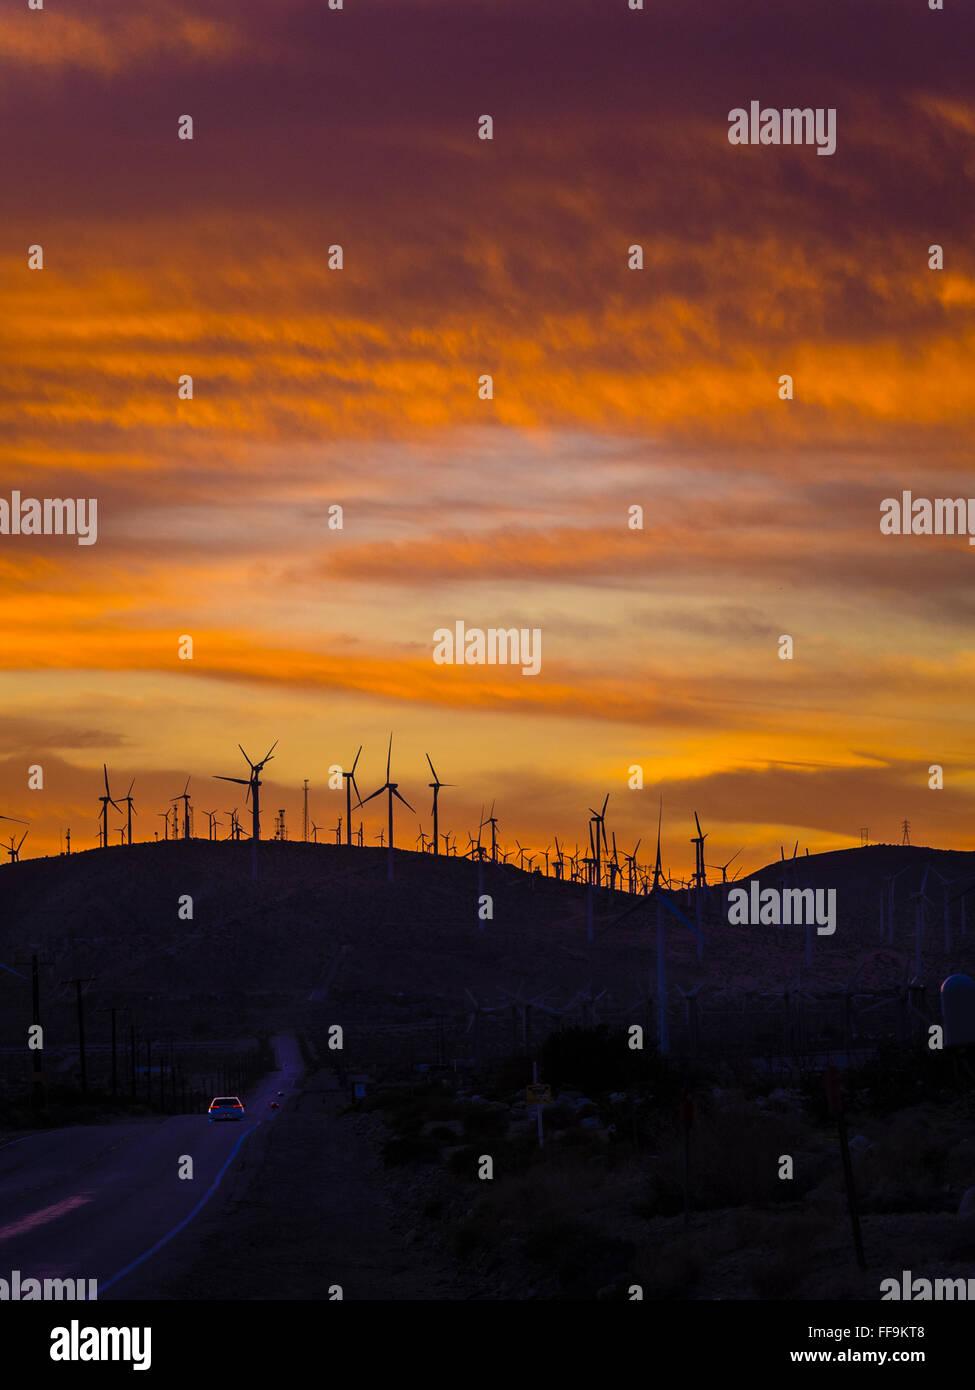 Bauernhof Windenergieanlagen auf Berggipfeln bei Sonnenuntergang von Palm Springs, Kalifornien. Stockbild